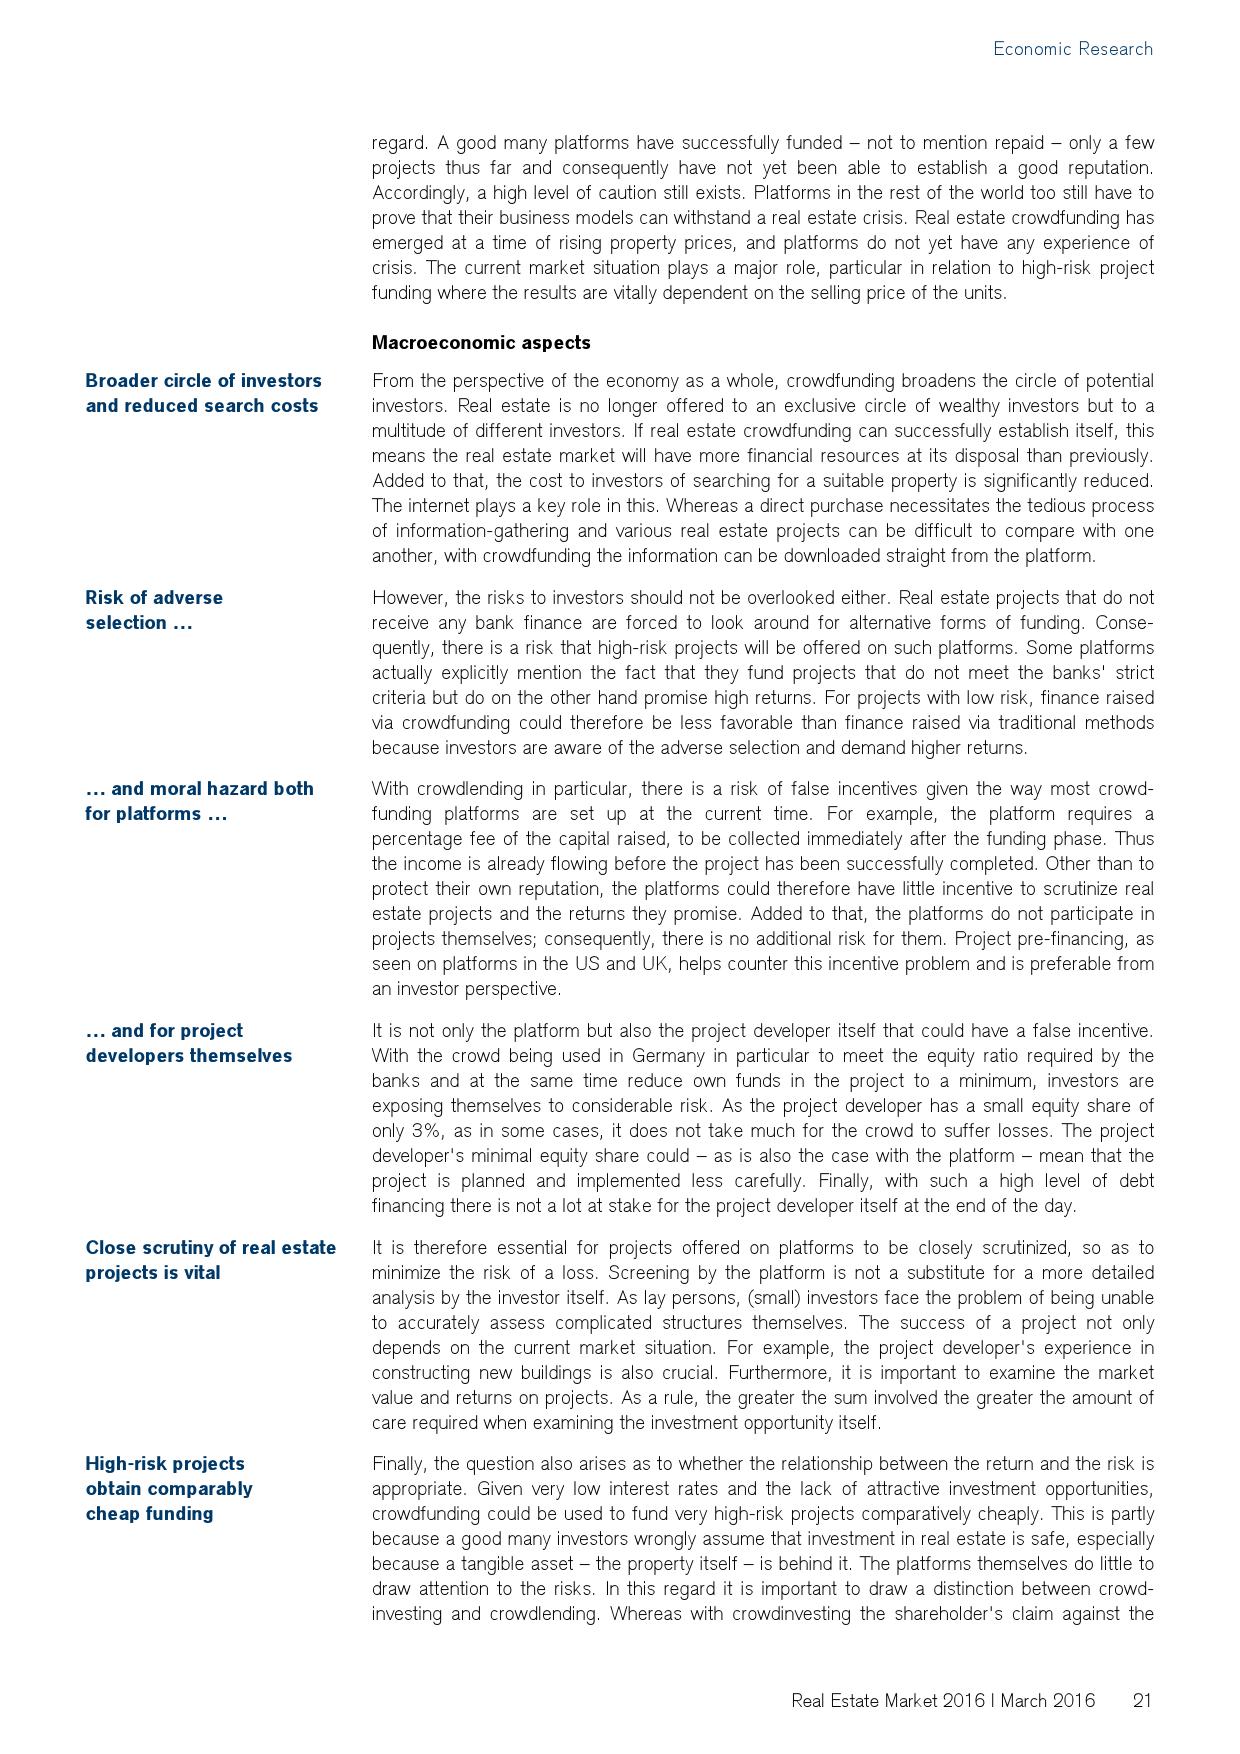 2016年瑞士房地产市场研究报告_000021